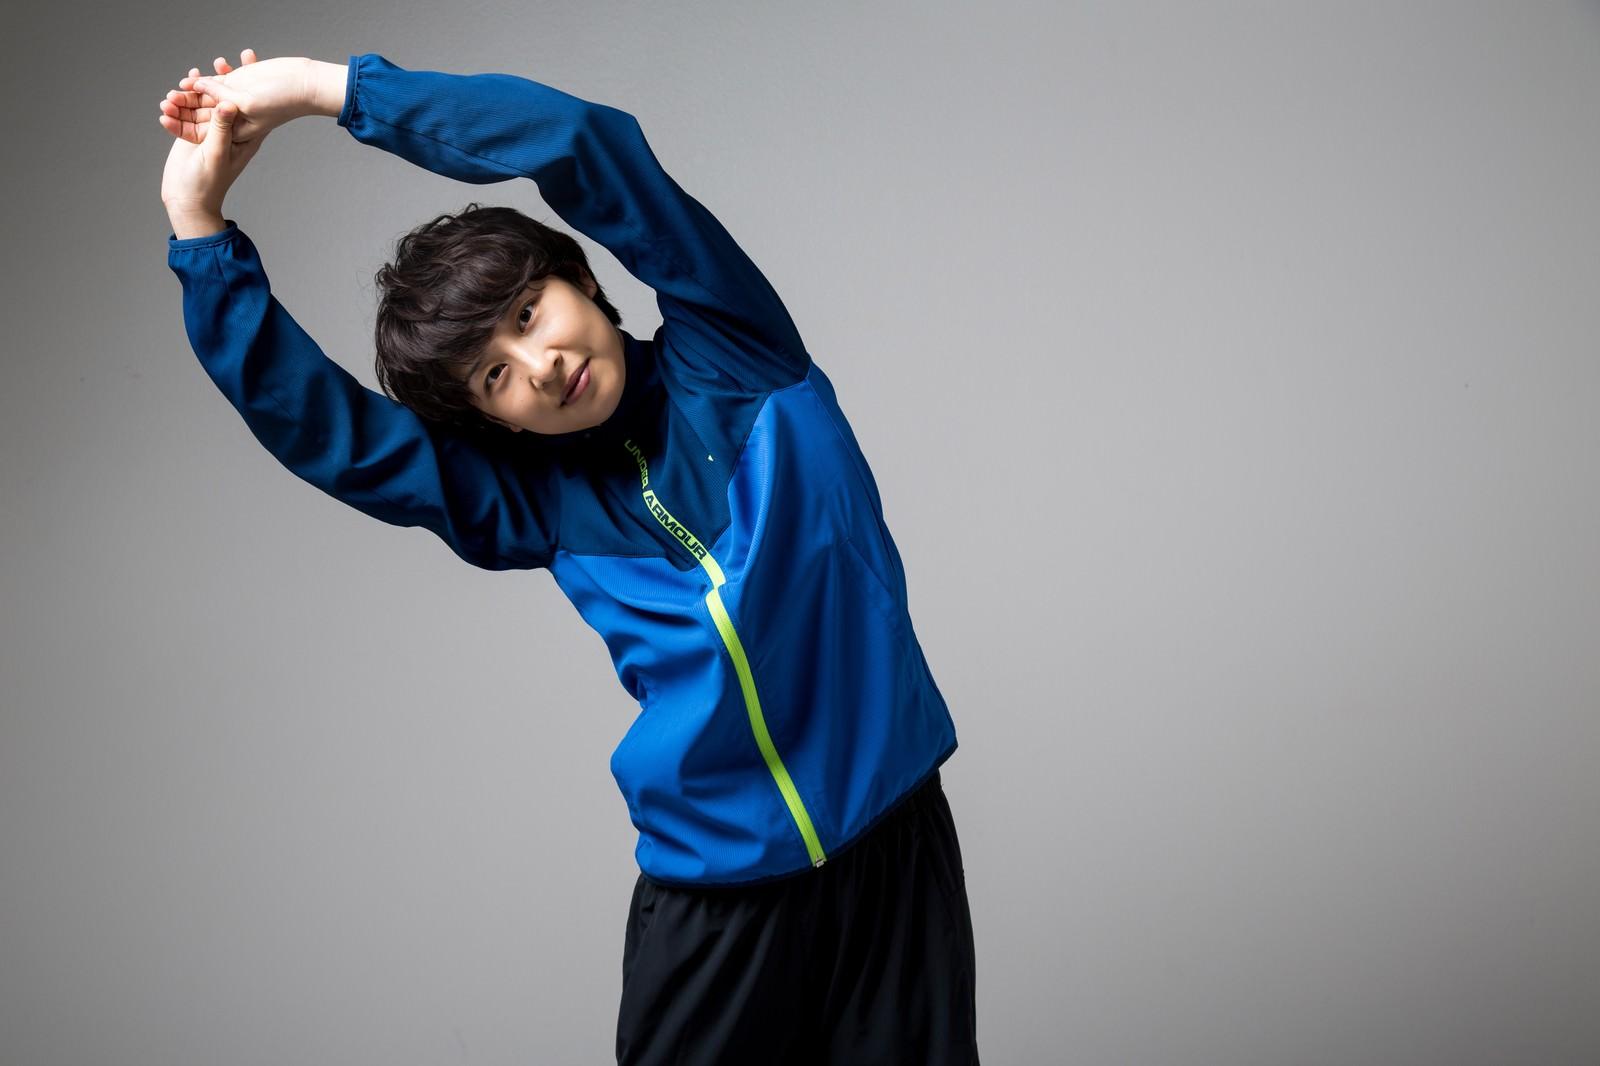 運動前に体操をする女性